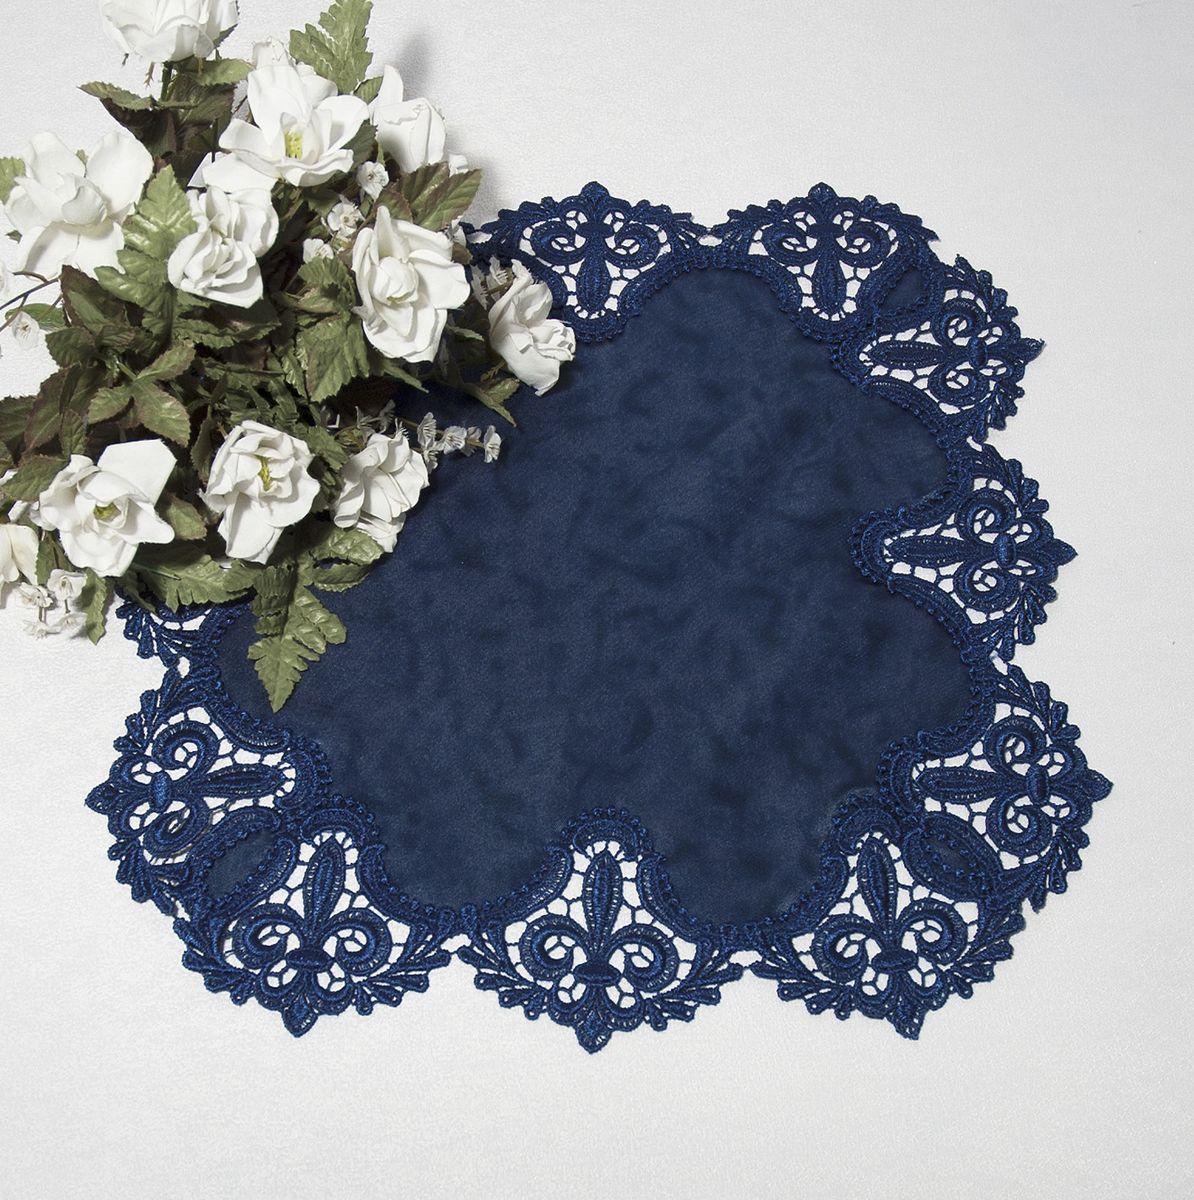 Салфетка Schaefer, цвет: синий, 38 х 38 см3051Яркая и красивая салфетка Schaefer выполнена из полиэстера. Изделие легко стирать и гладить, оно не требует специального ухода. Вы можете использовать салфетку для декорирования стола, комода, журнального столика. Она добавит в ваш дом стиля, изысканности и убережет мебель от царапин и потертостей.